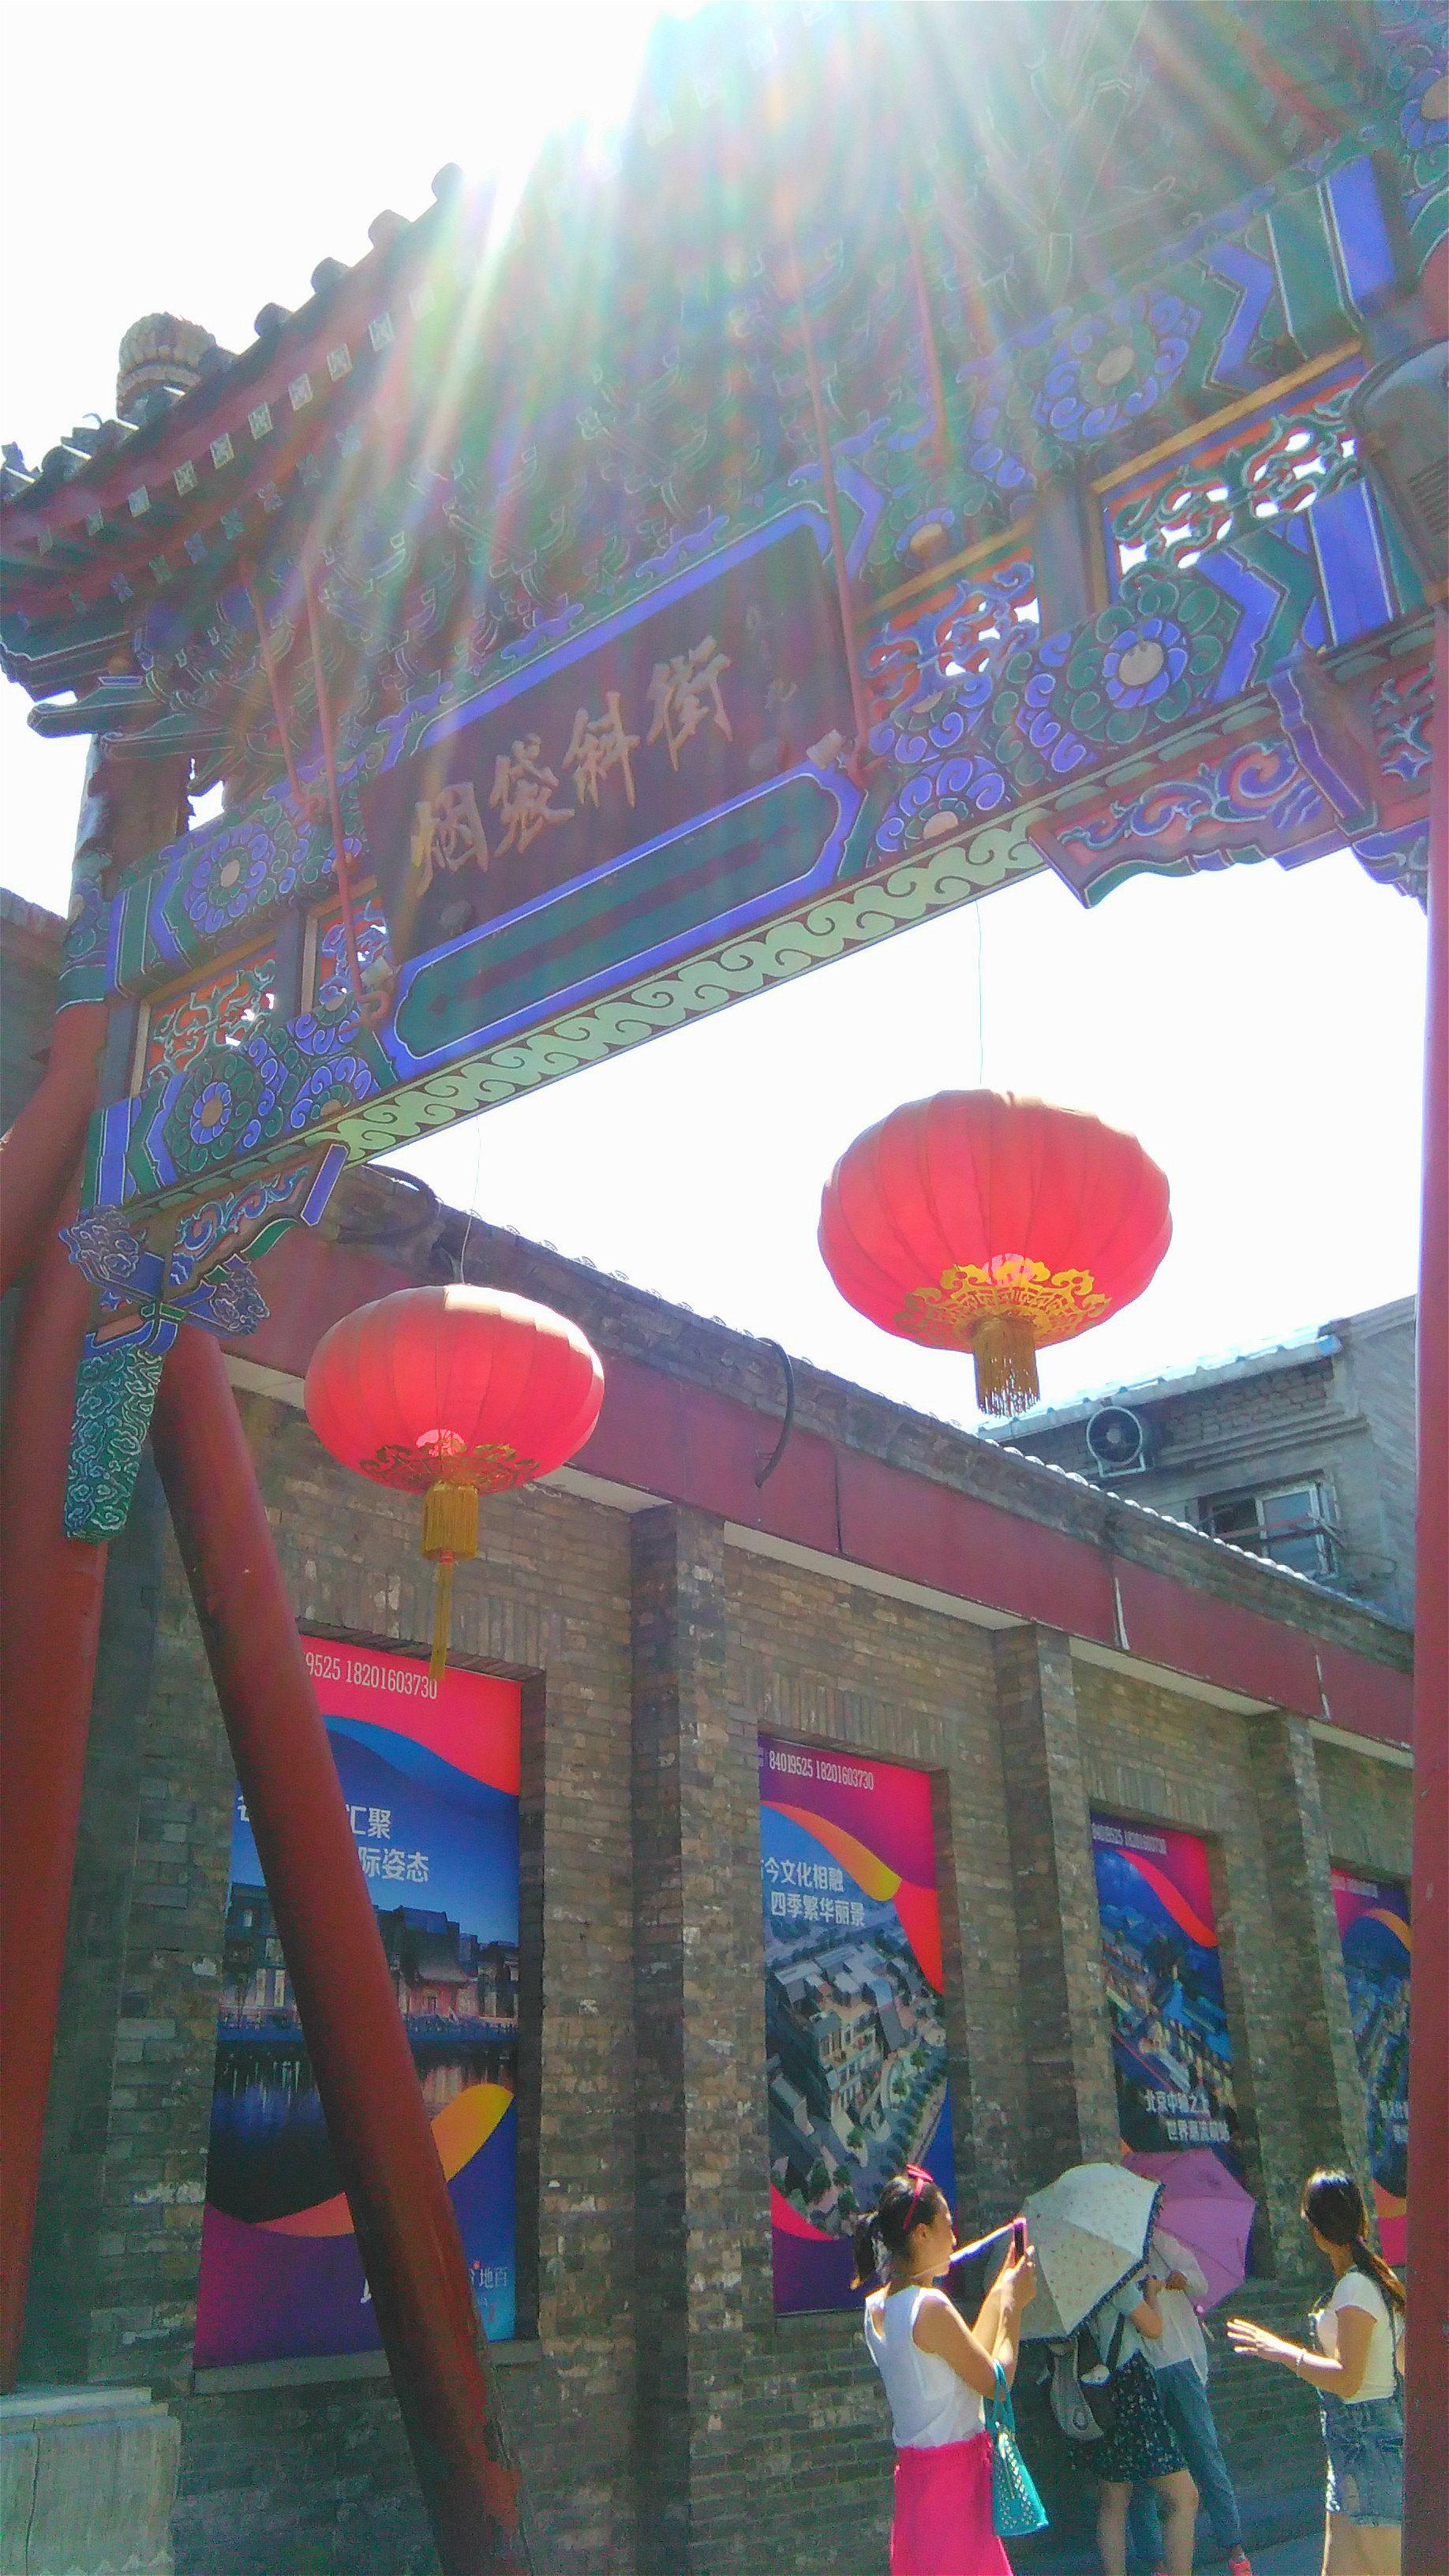 已经到了鼓楼就顺带着进这去走一走了。鼓楼景区其实是由钟楼和鼓楼二重建筑组成的,鼓楼在前钟楼在后,鼓楼在北京中轴线景山的北端,它坐落在高达4米的台基上,是一座红墙朱栏与兽脊飞檐的高楼,鼓楼最早修建于元朝,名字叫做齐政楼,我们现在看到的是在明朝时候重新修建的鼓楼。